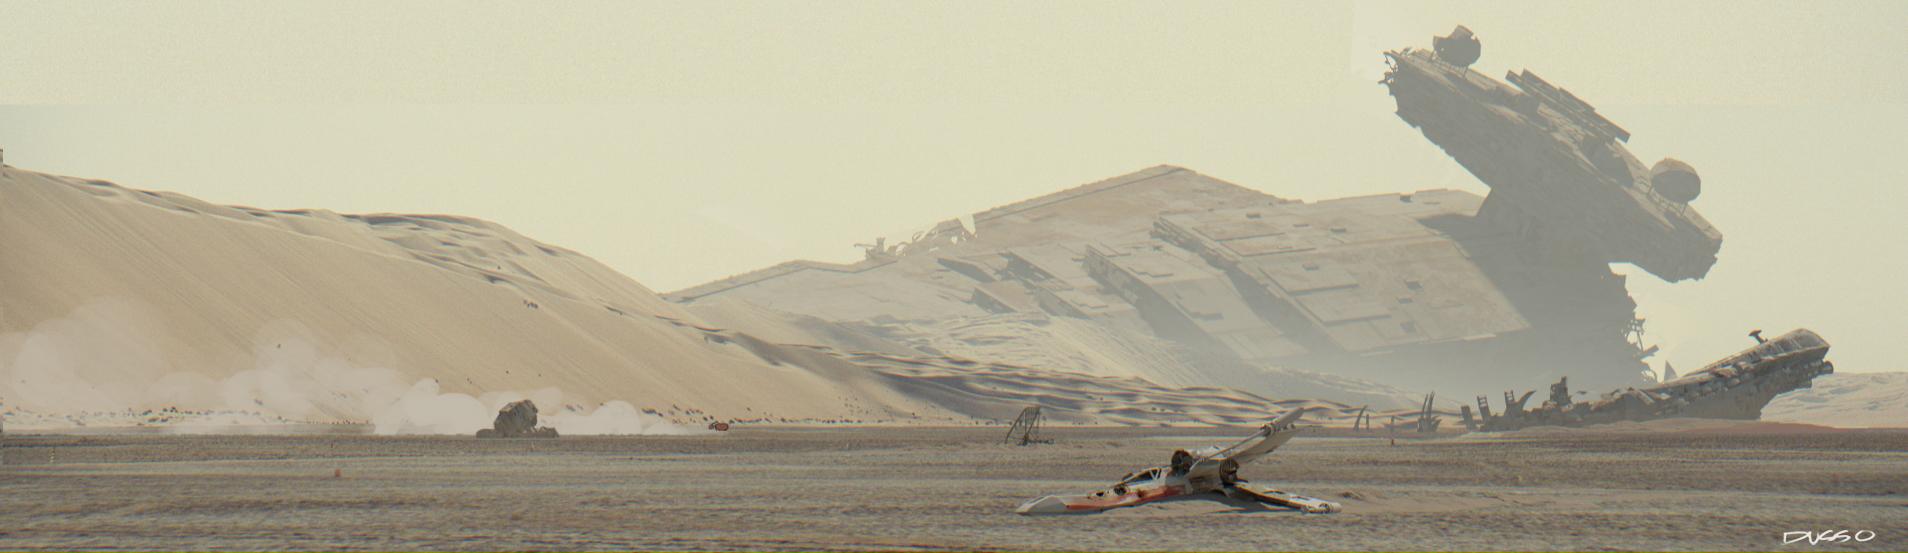 concept-art-dusseault-star-wars-crash-destroyer